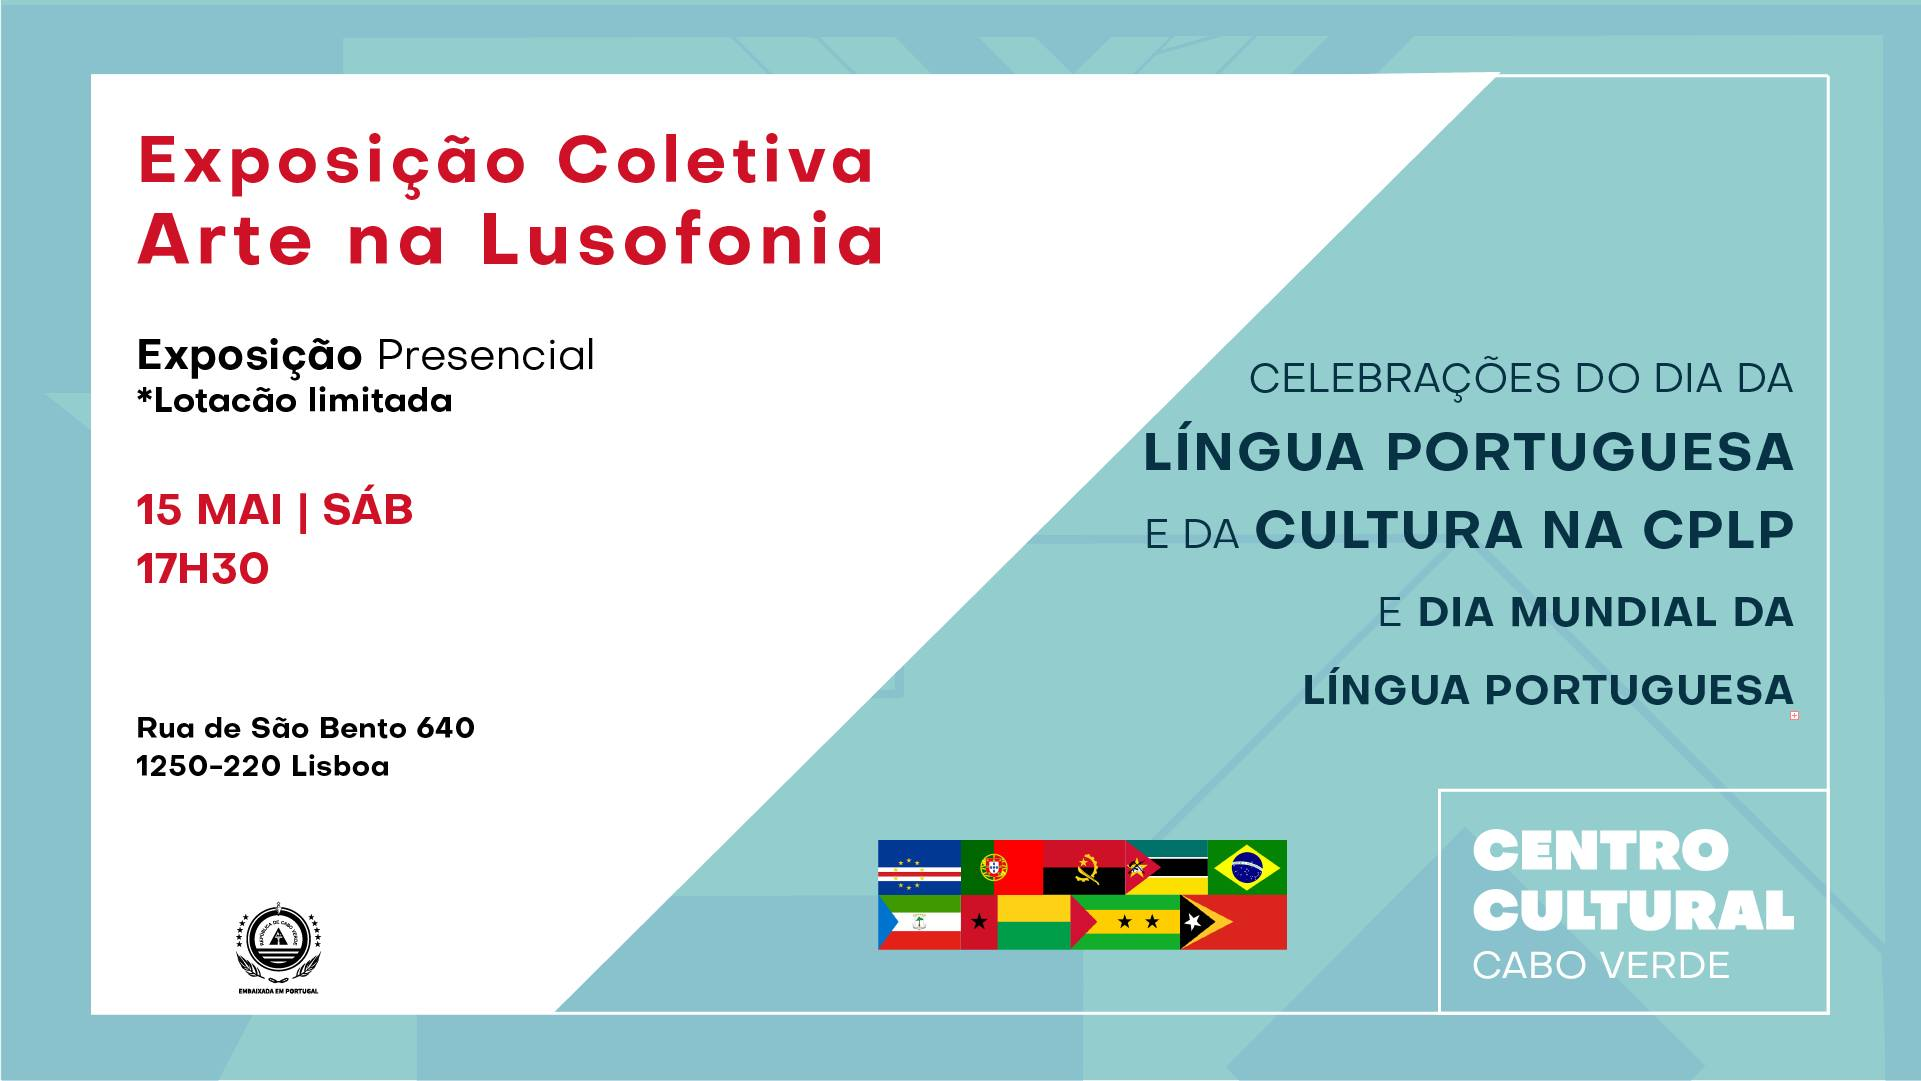 Exposição Coletiva Arte na Lusofonia |